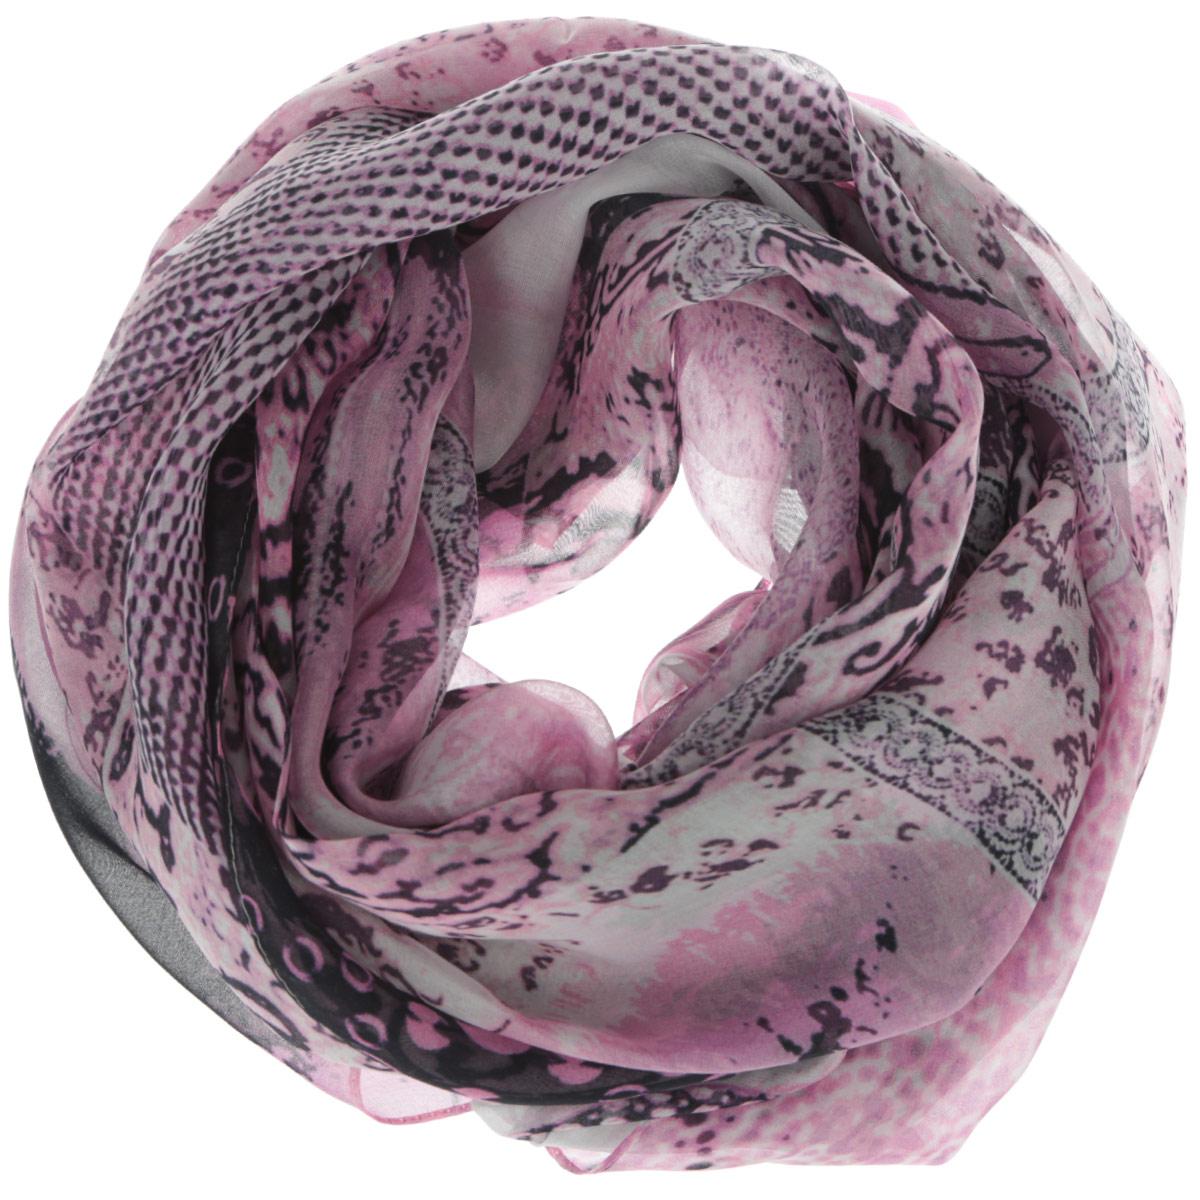 Шарф201509222Женский шарф Leo Ventoni позволит вам создать неповторимый и запоминающийся образ. Изготовленный из высококачественного шелка, он очень легкий, мягкий, имеет приятную на ощупь текстуру. Модель оформлена ярким принтом. Такой аксессуар станет модным дополнением к гардеробу современной женщины, стремящейся всегда оставаться стильной и элегантной.